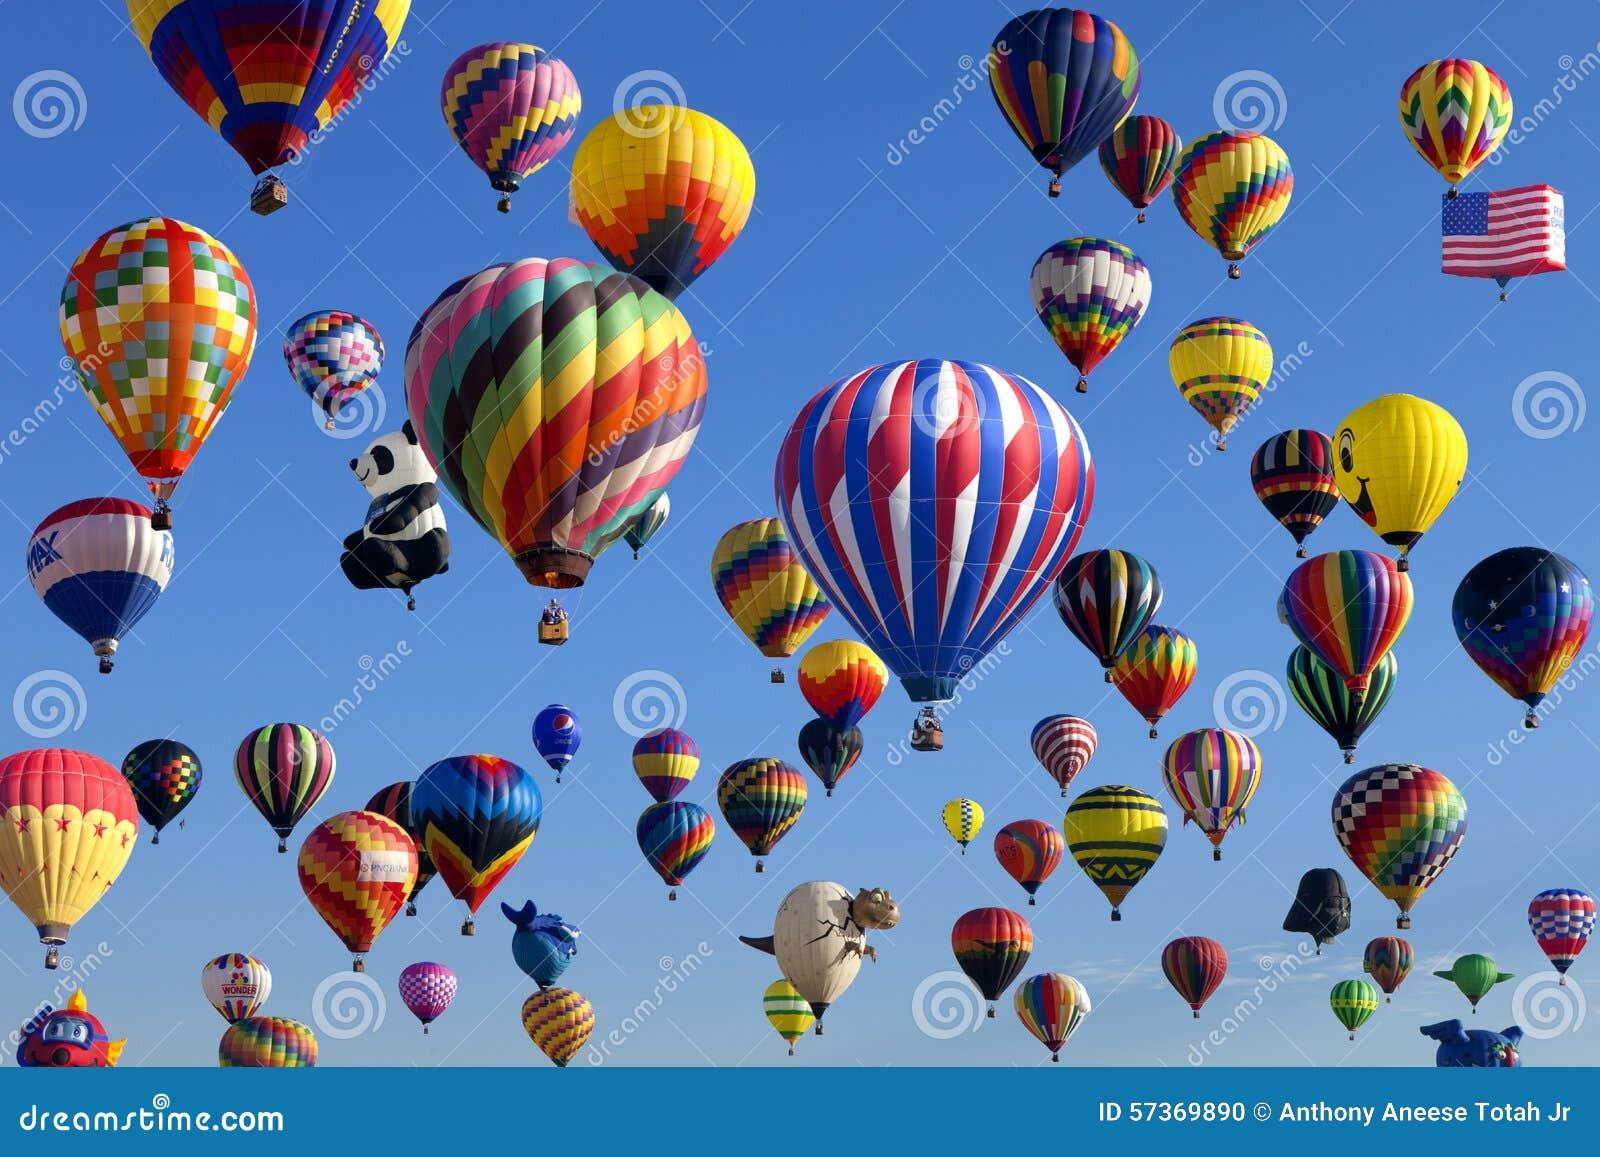 Massenbesteigung - New-Jersey im Ballon aufsteigendes Festival